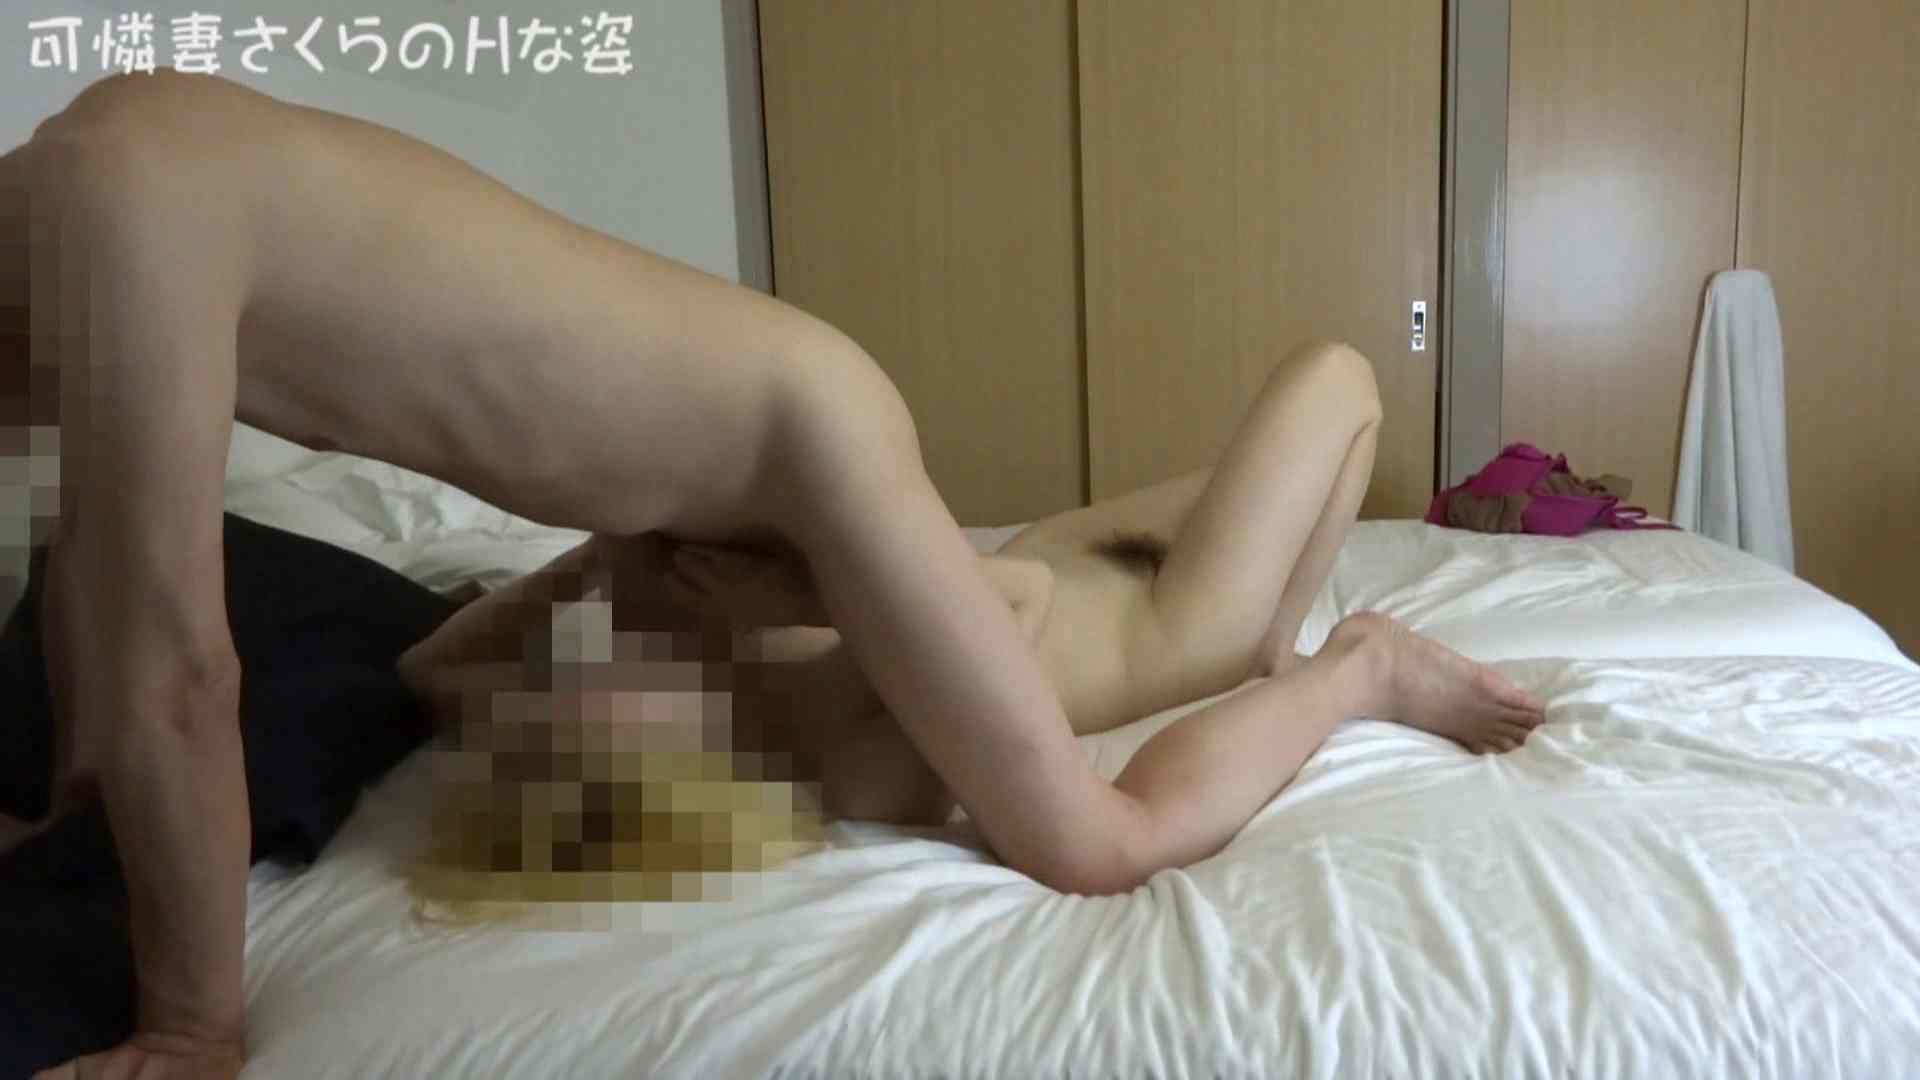 可憐妻さくらのHな姿vol.17 熟女の裸体 | OL裸体  97画像 34